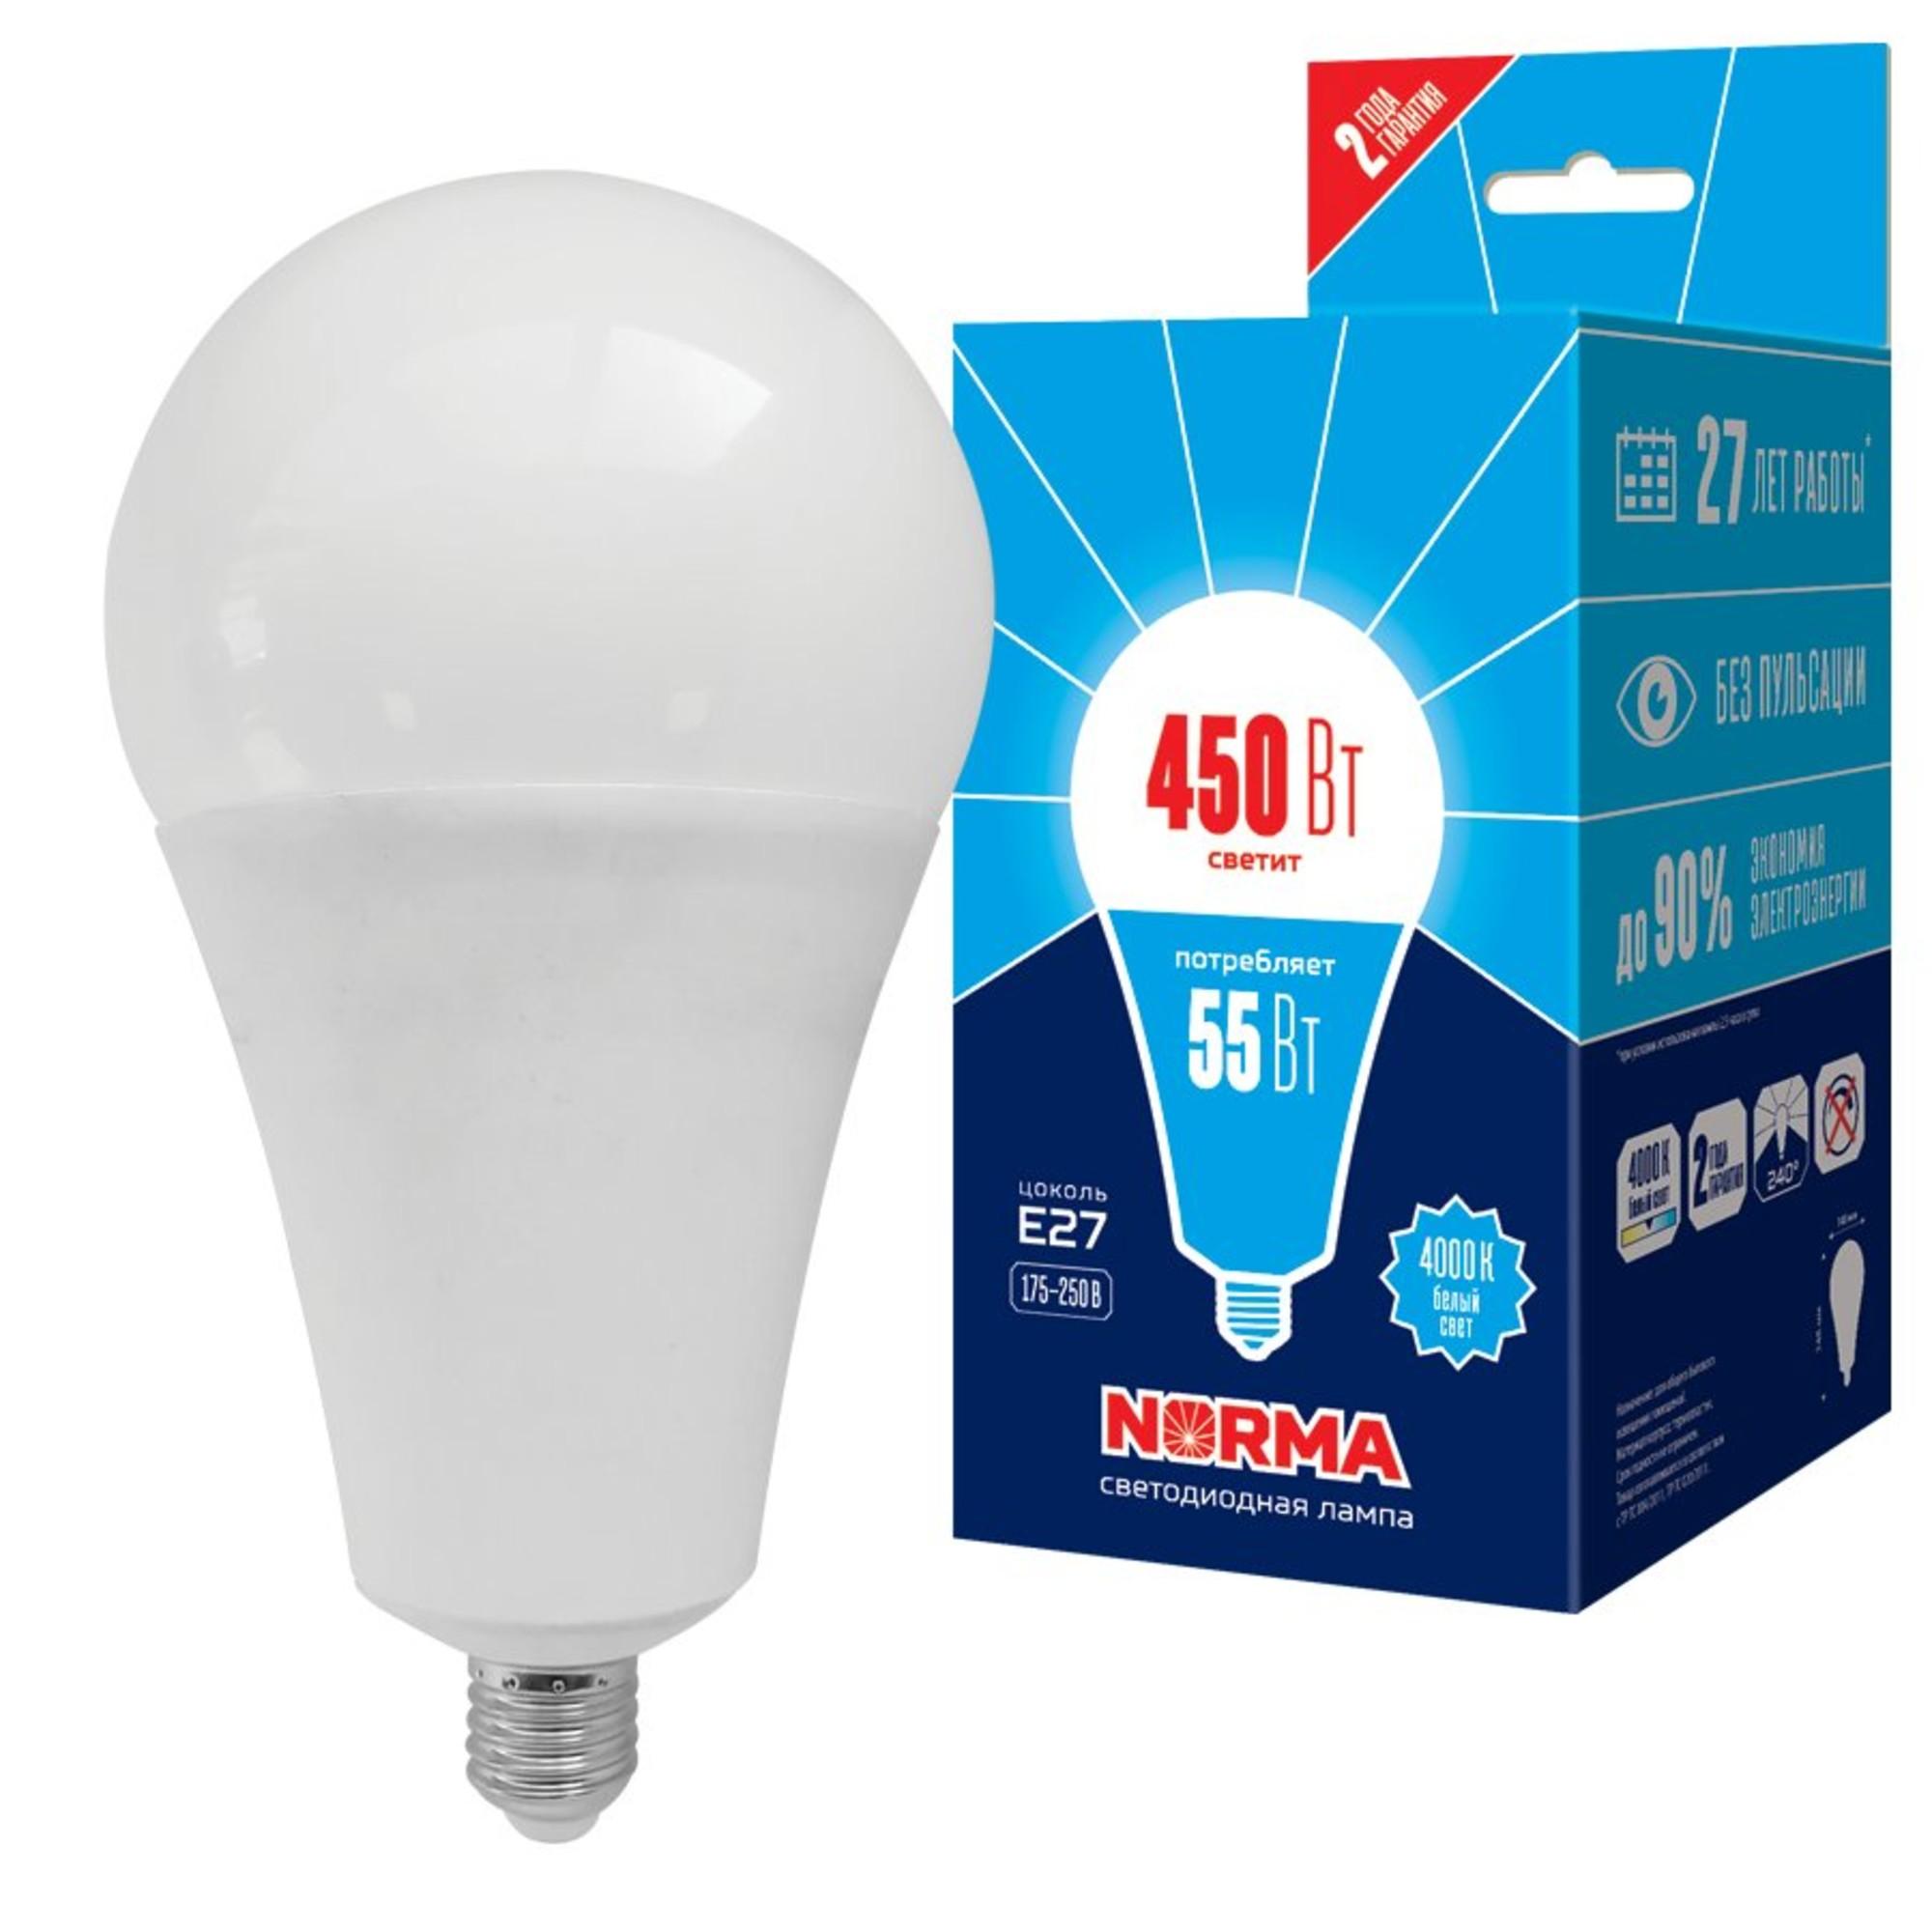 Лампа Volpe светодиодная E27 55 Вт белый свет